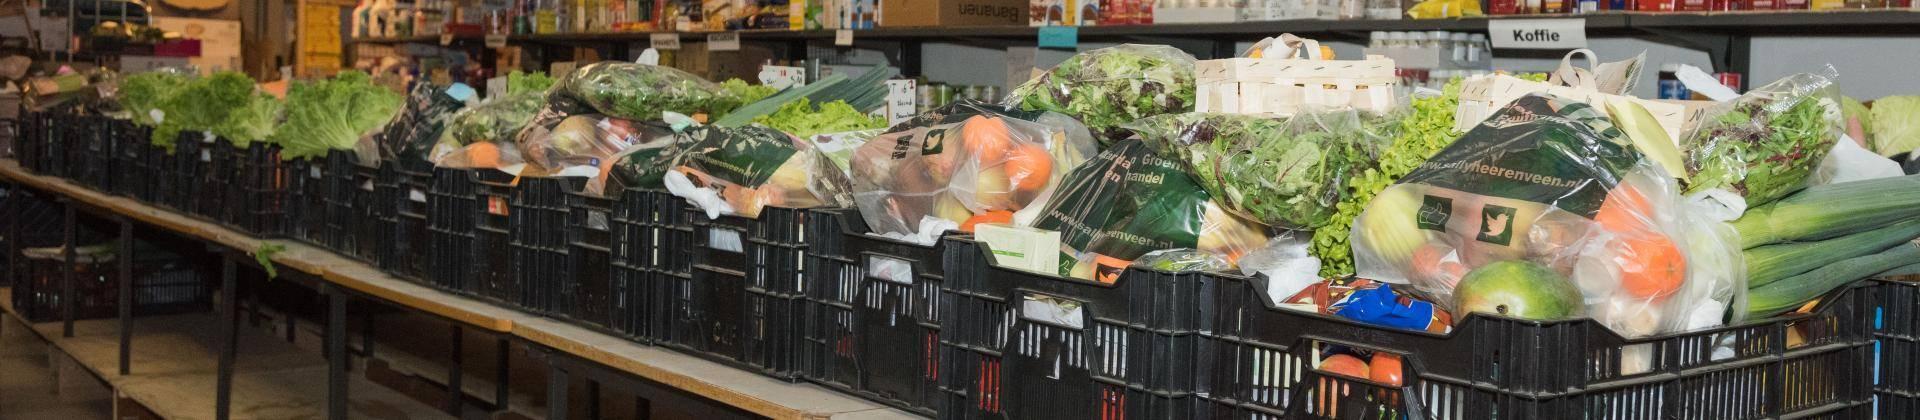 Voedsel Pakketen Staan Klaar Voor Klanten Van De Voedselbank.